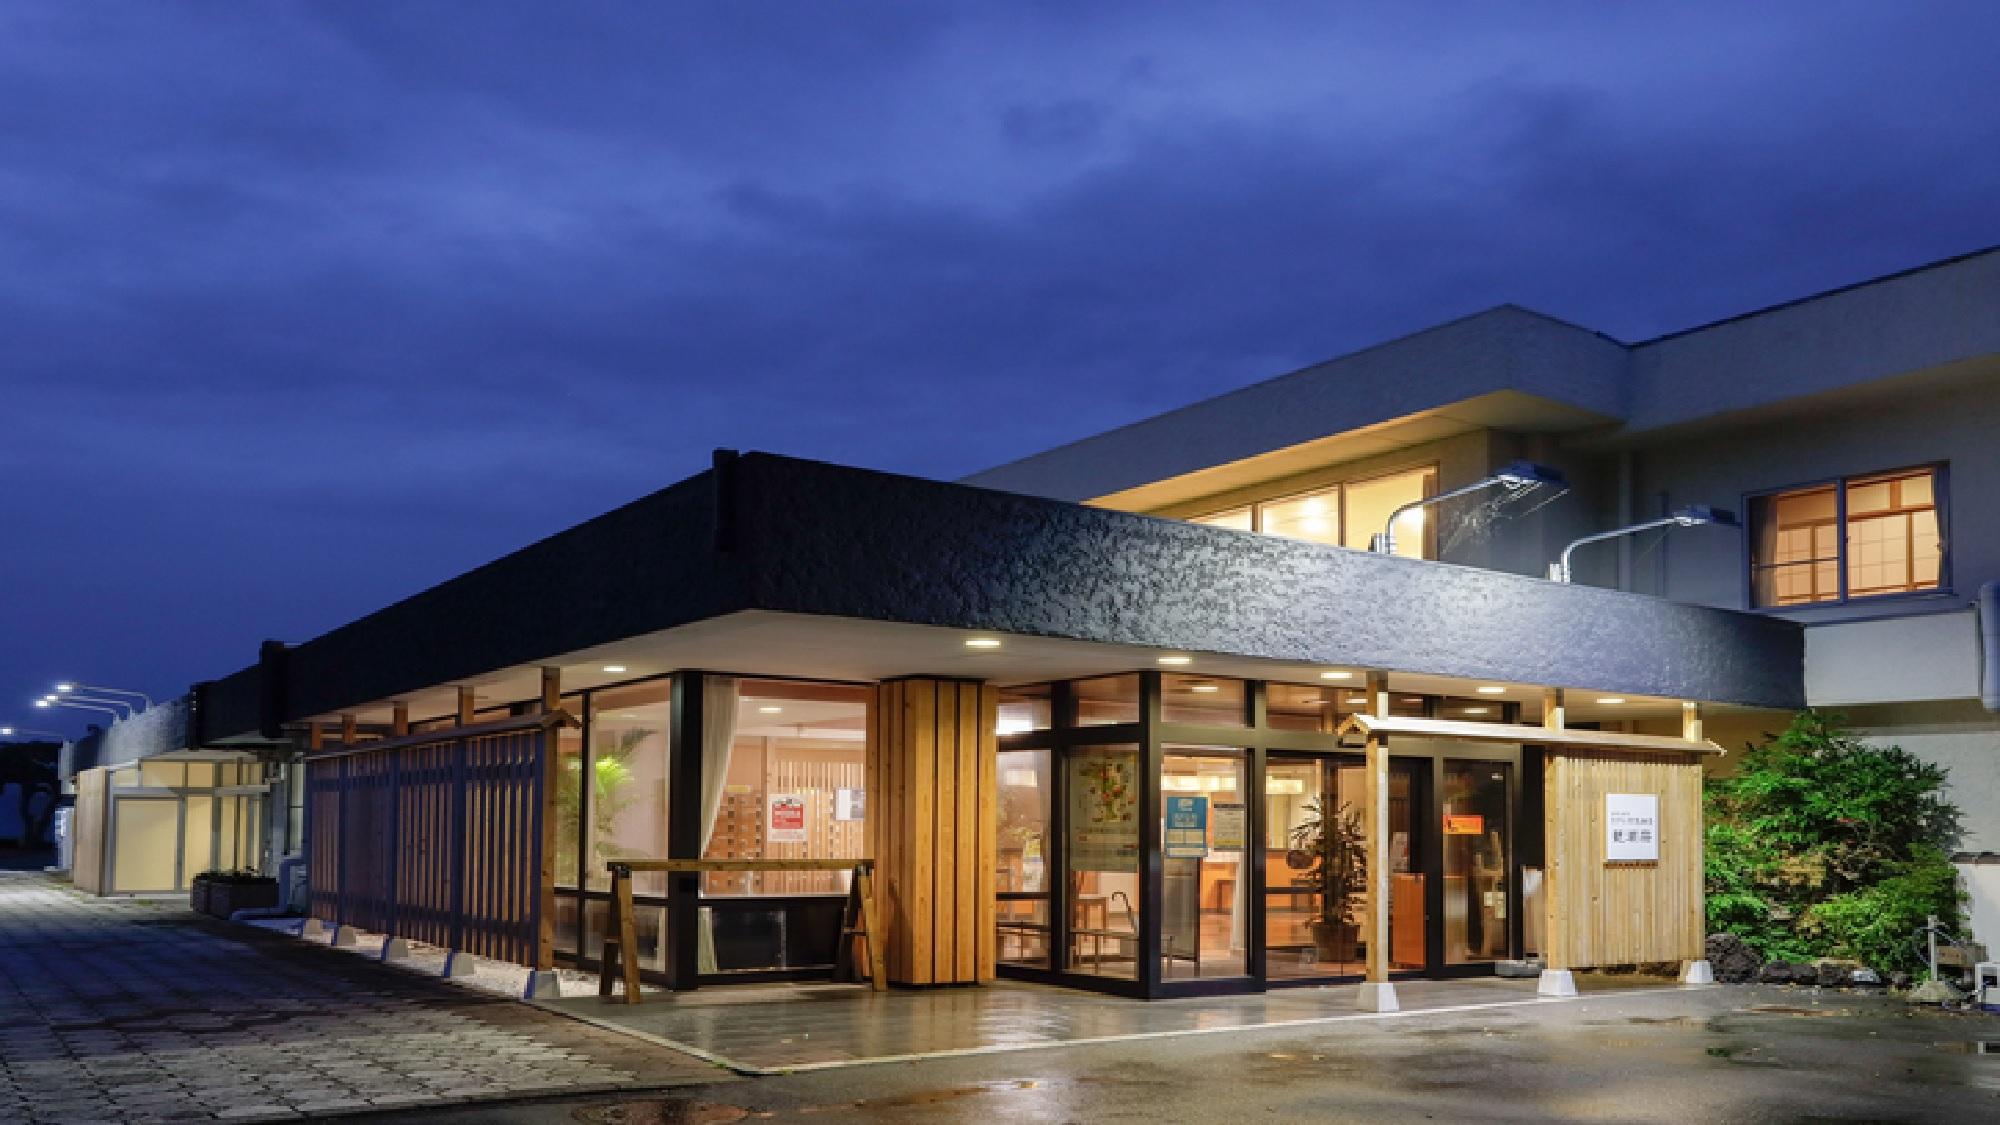 ホテル京急 油壺 観潮荘◆楽天トラベル